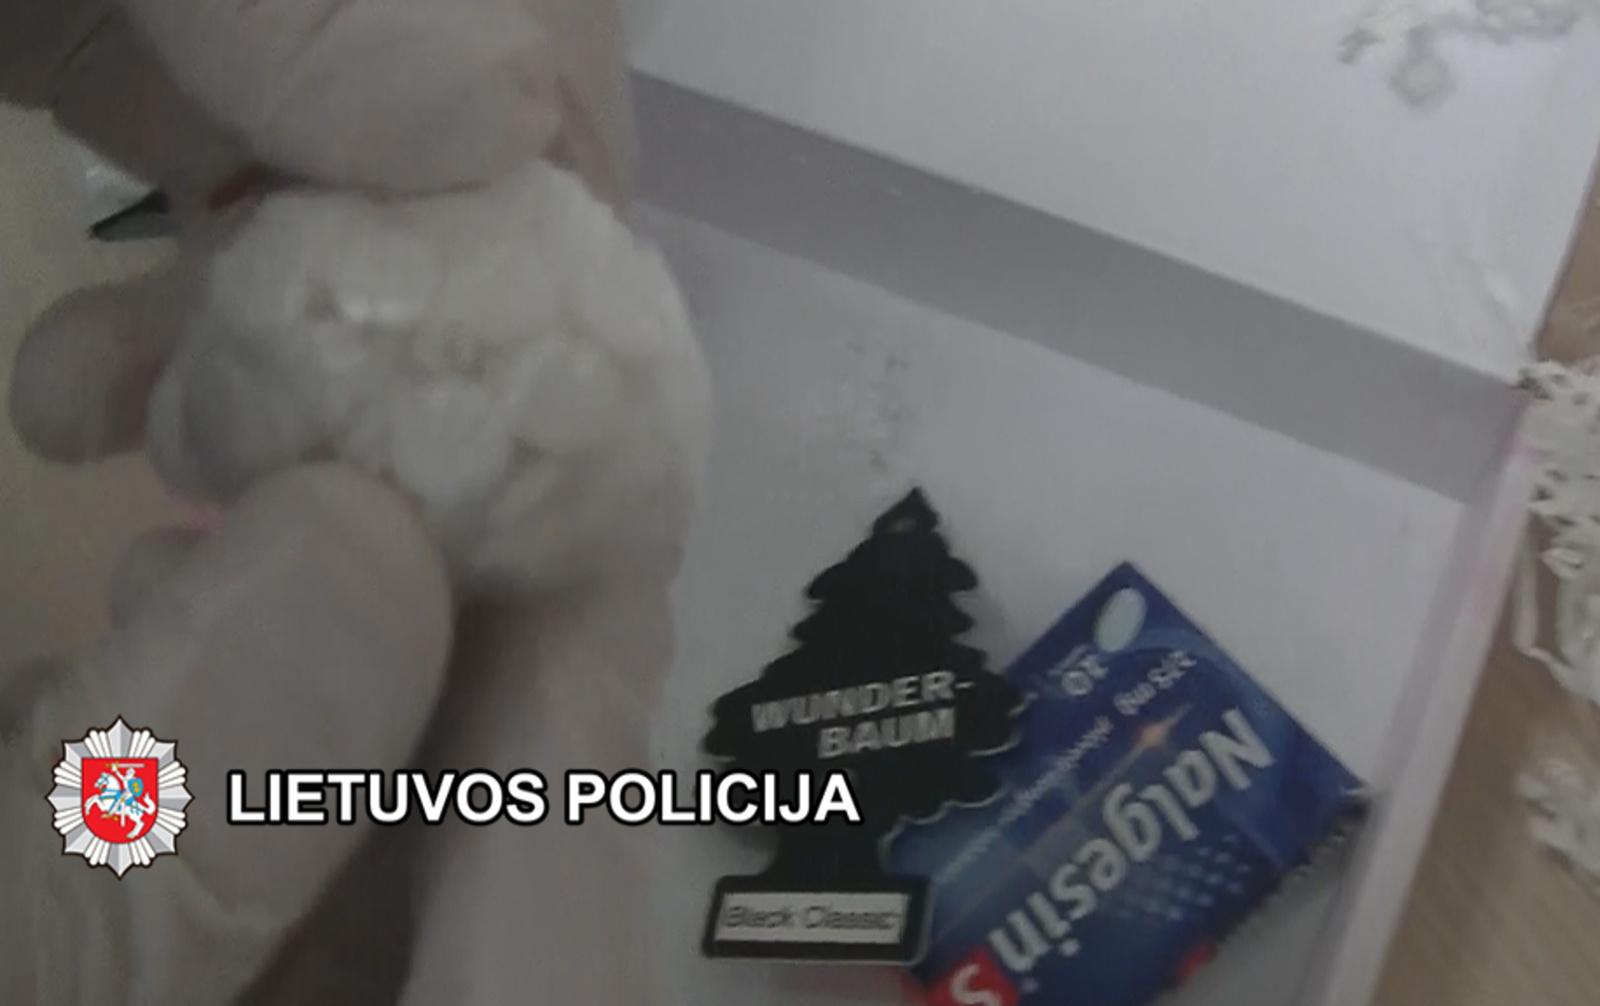 Narkotines medžiagas nuteistajam ketinusios perduoti moterys pačios atsidūrė teisėsaugos akiratyje (vaizdo įrašas)